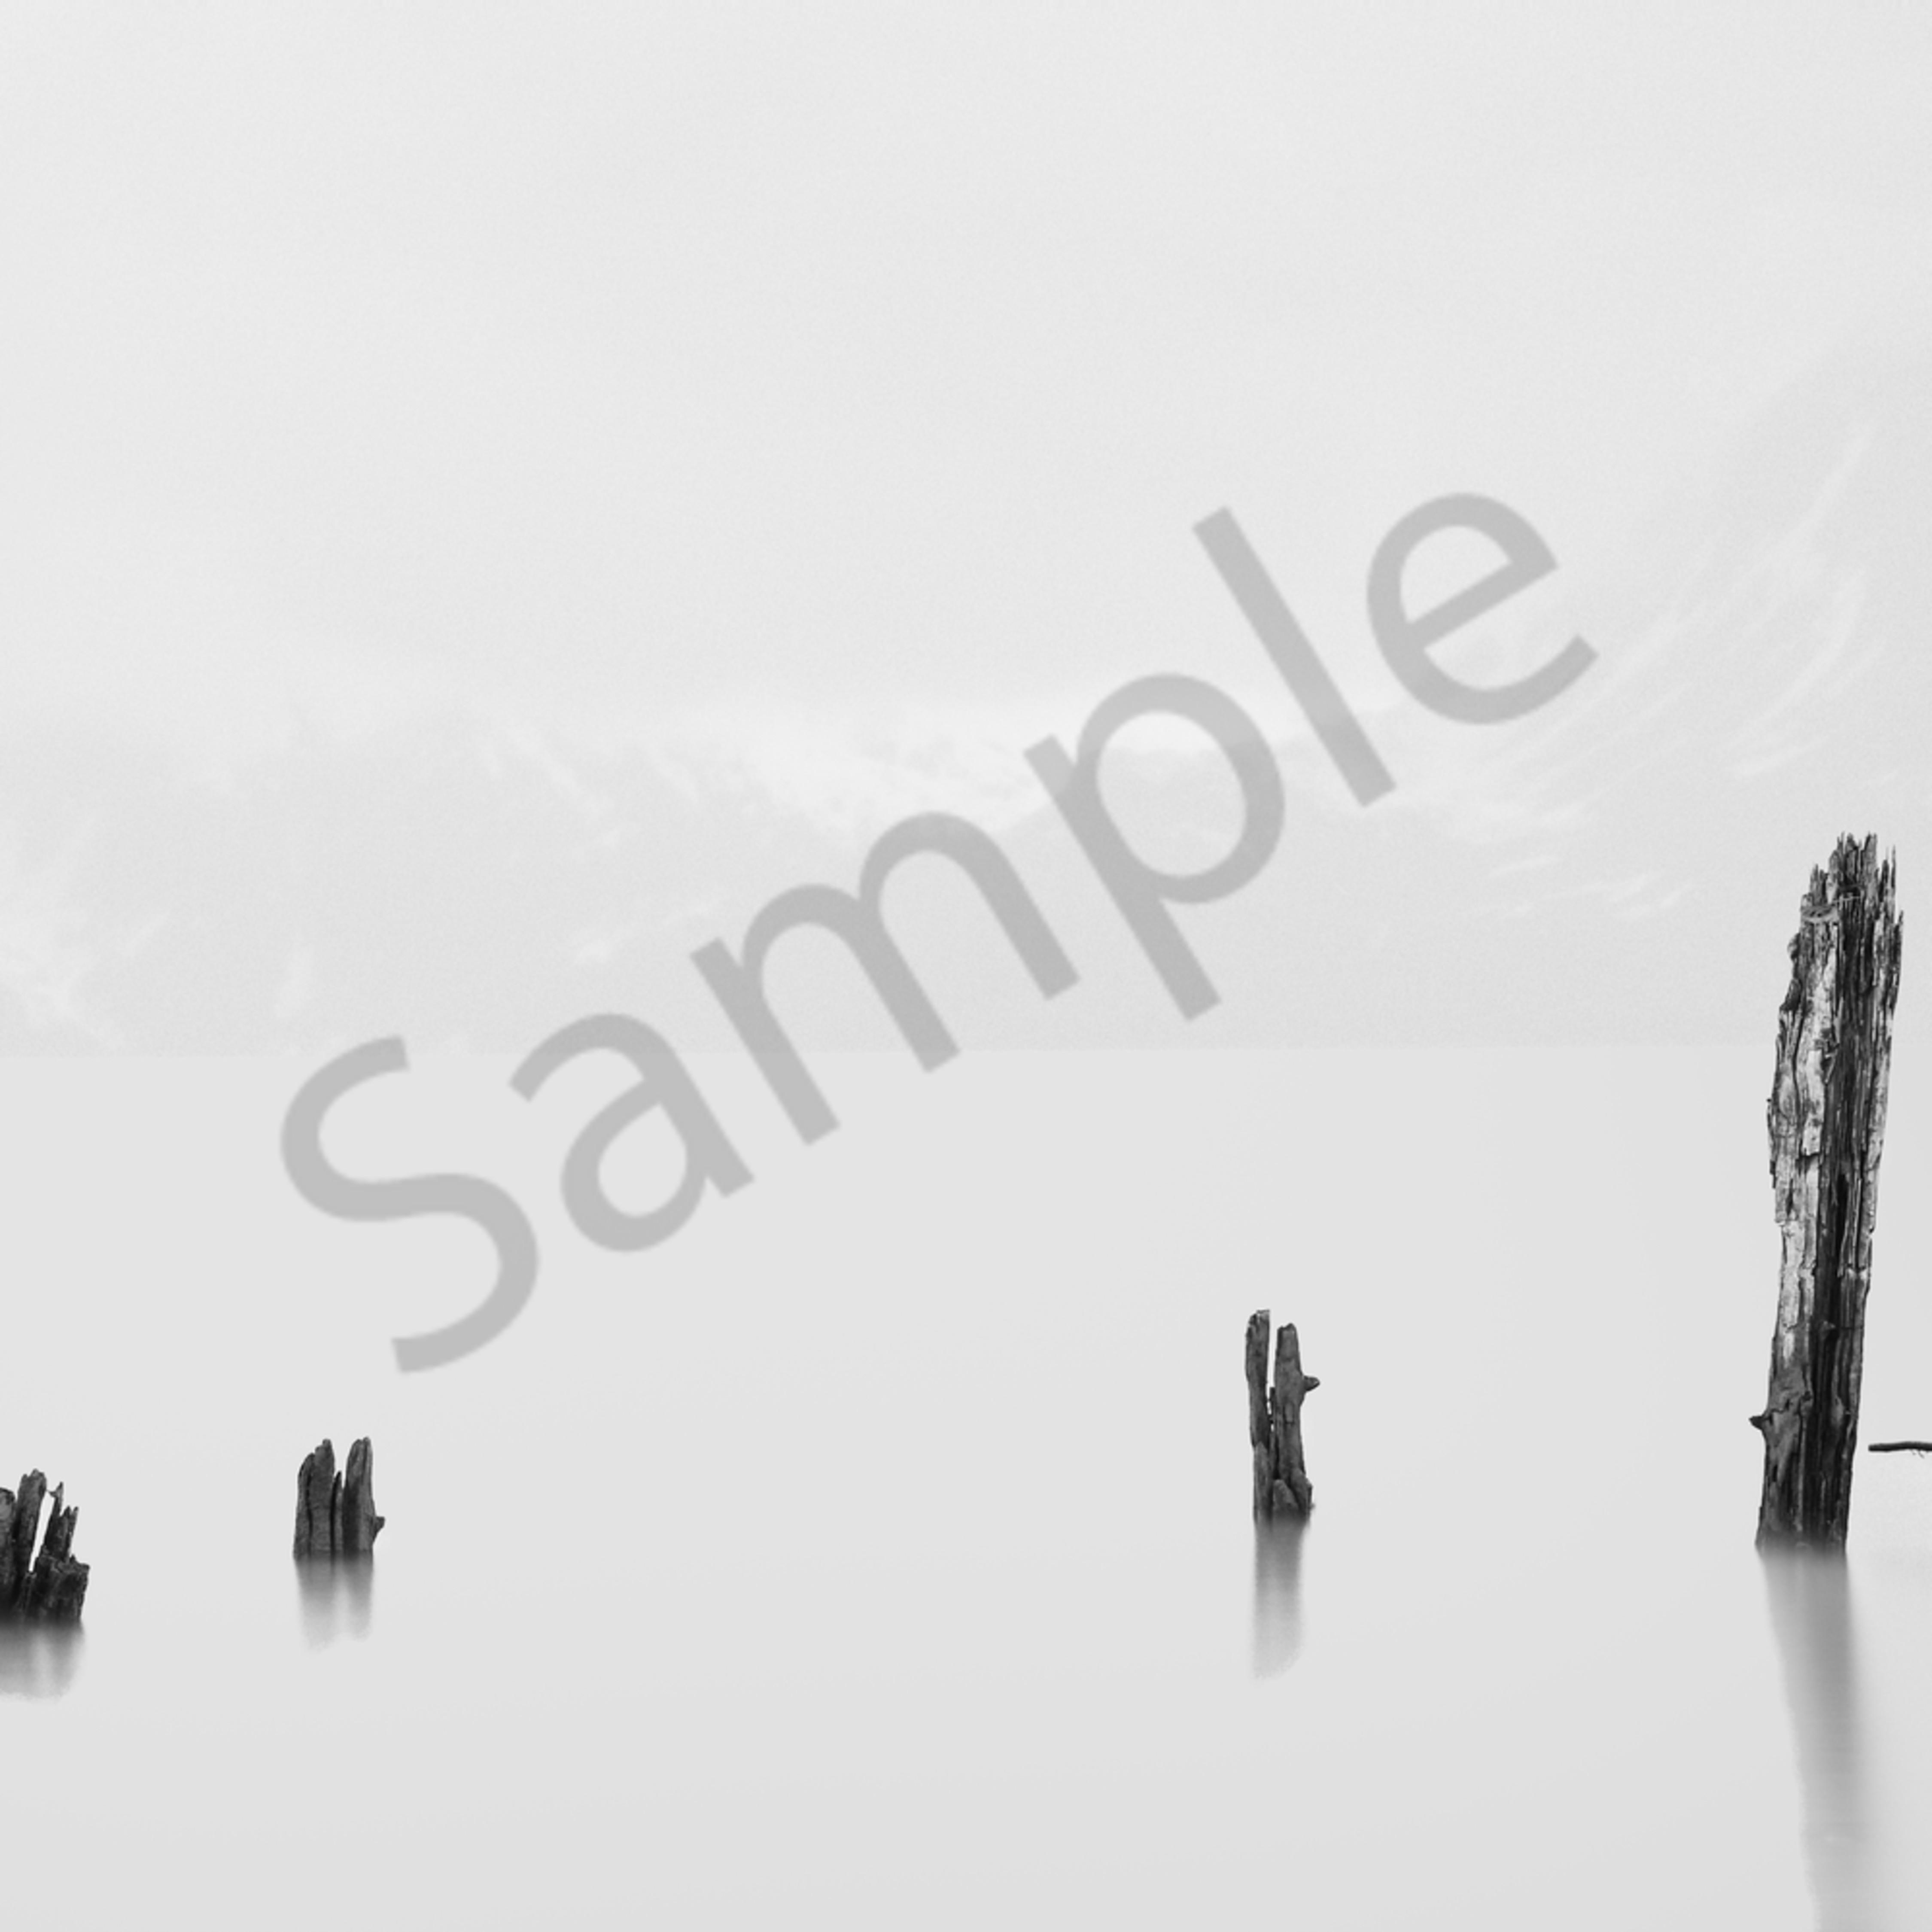 Valdez morning hpwg0z